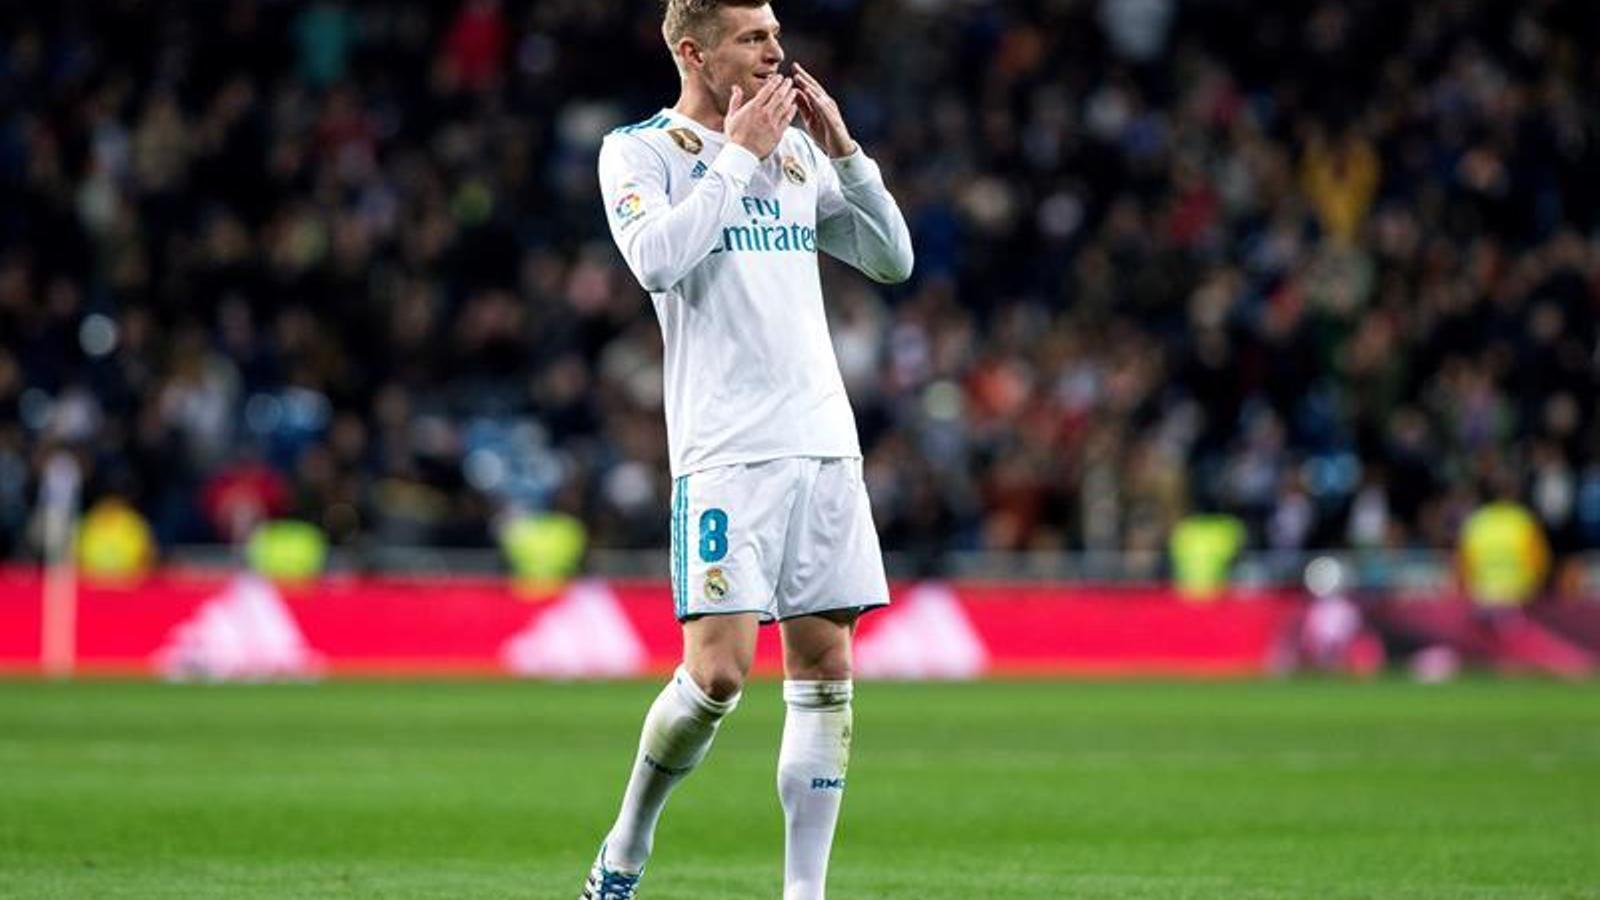 El Madrid perd per als propers partits a Tony Kroos